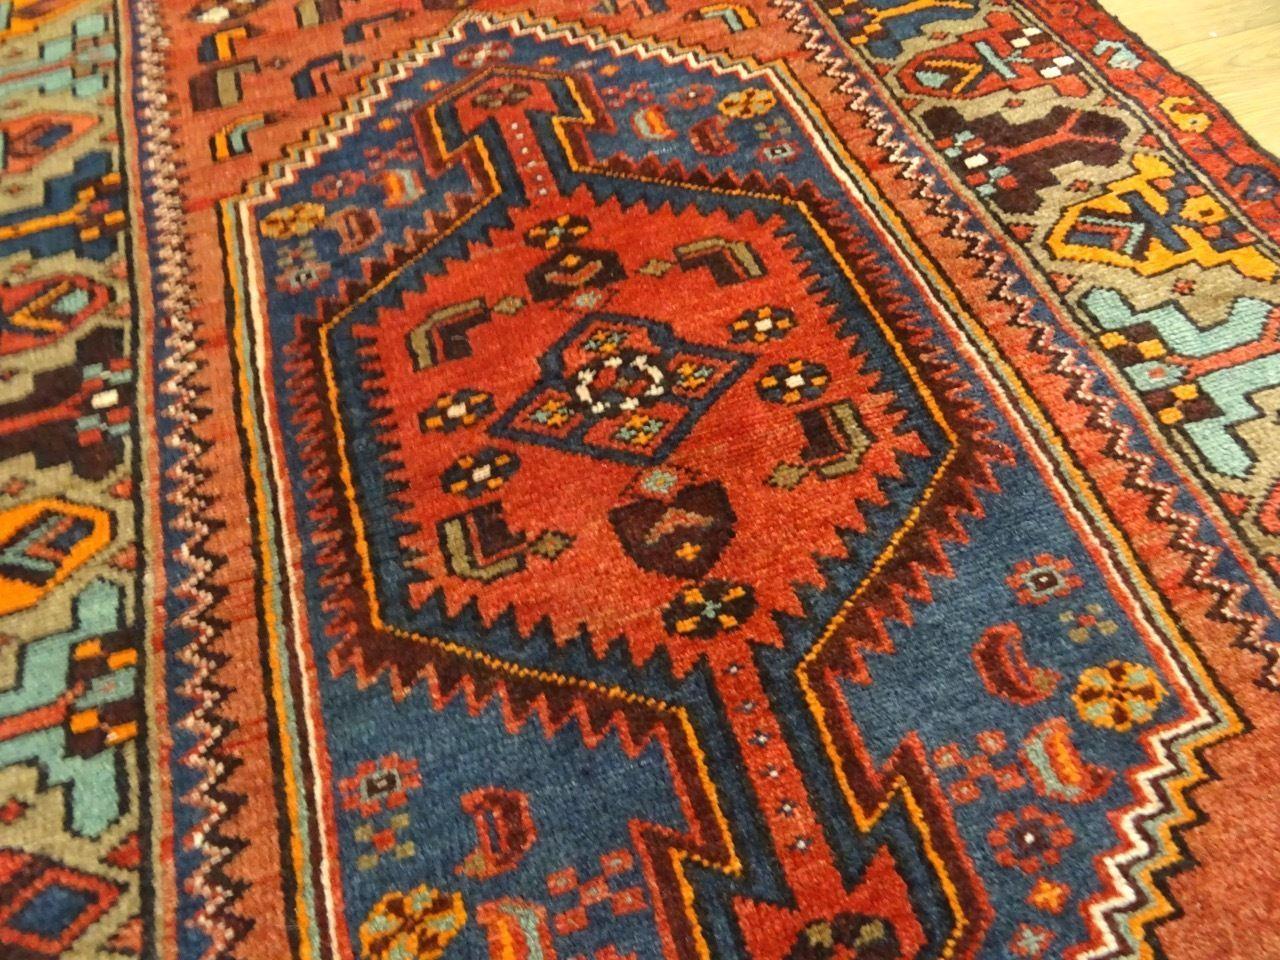 """Cr.1930 Hamadan Antique Persian Exquisite Hand Made Rug 3' 3"""" x 6' 6"""" https://t.co/1e81AdSTZt https://t.co/XabtLTsC2k"""